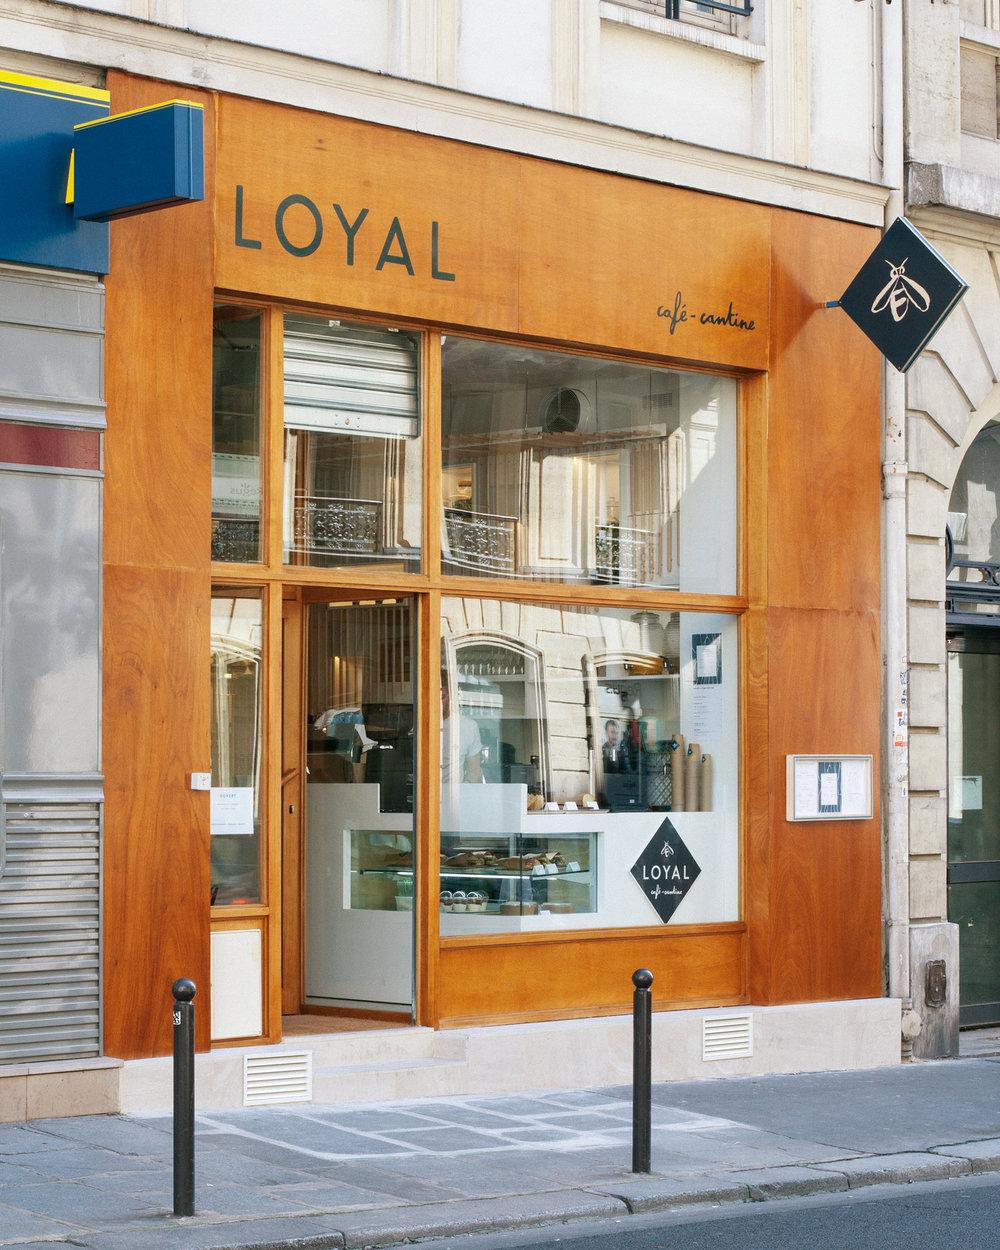 Agencement et mobilier sur-mesure pour le café cantine Loyal Café rue d'Amsterdam à Paris